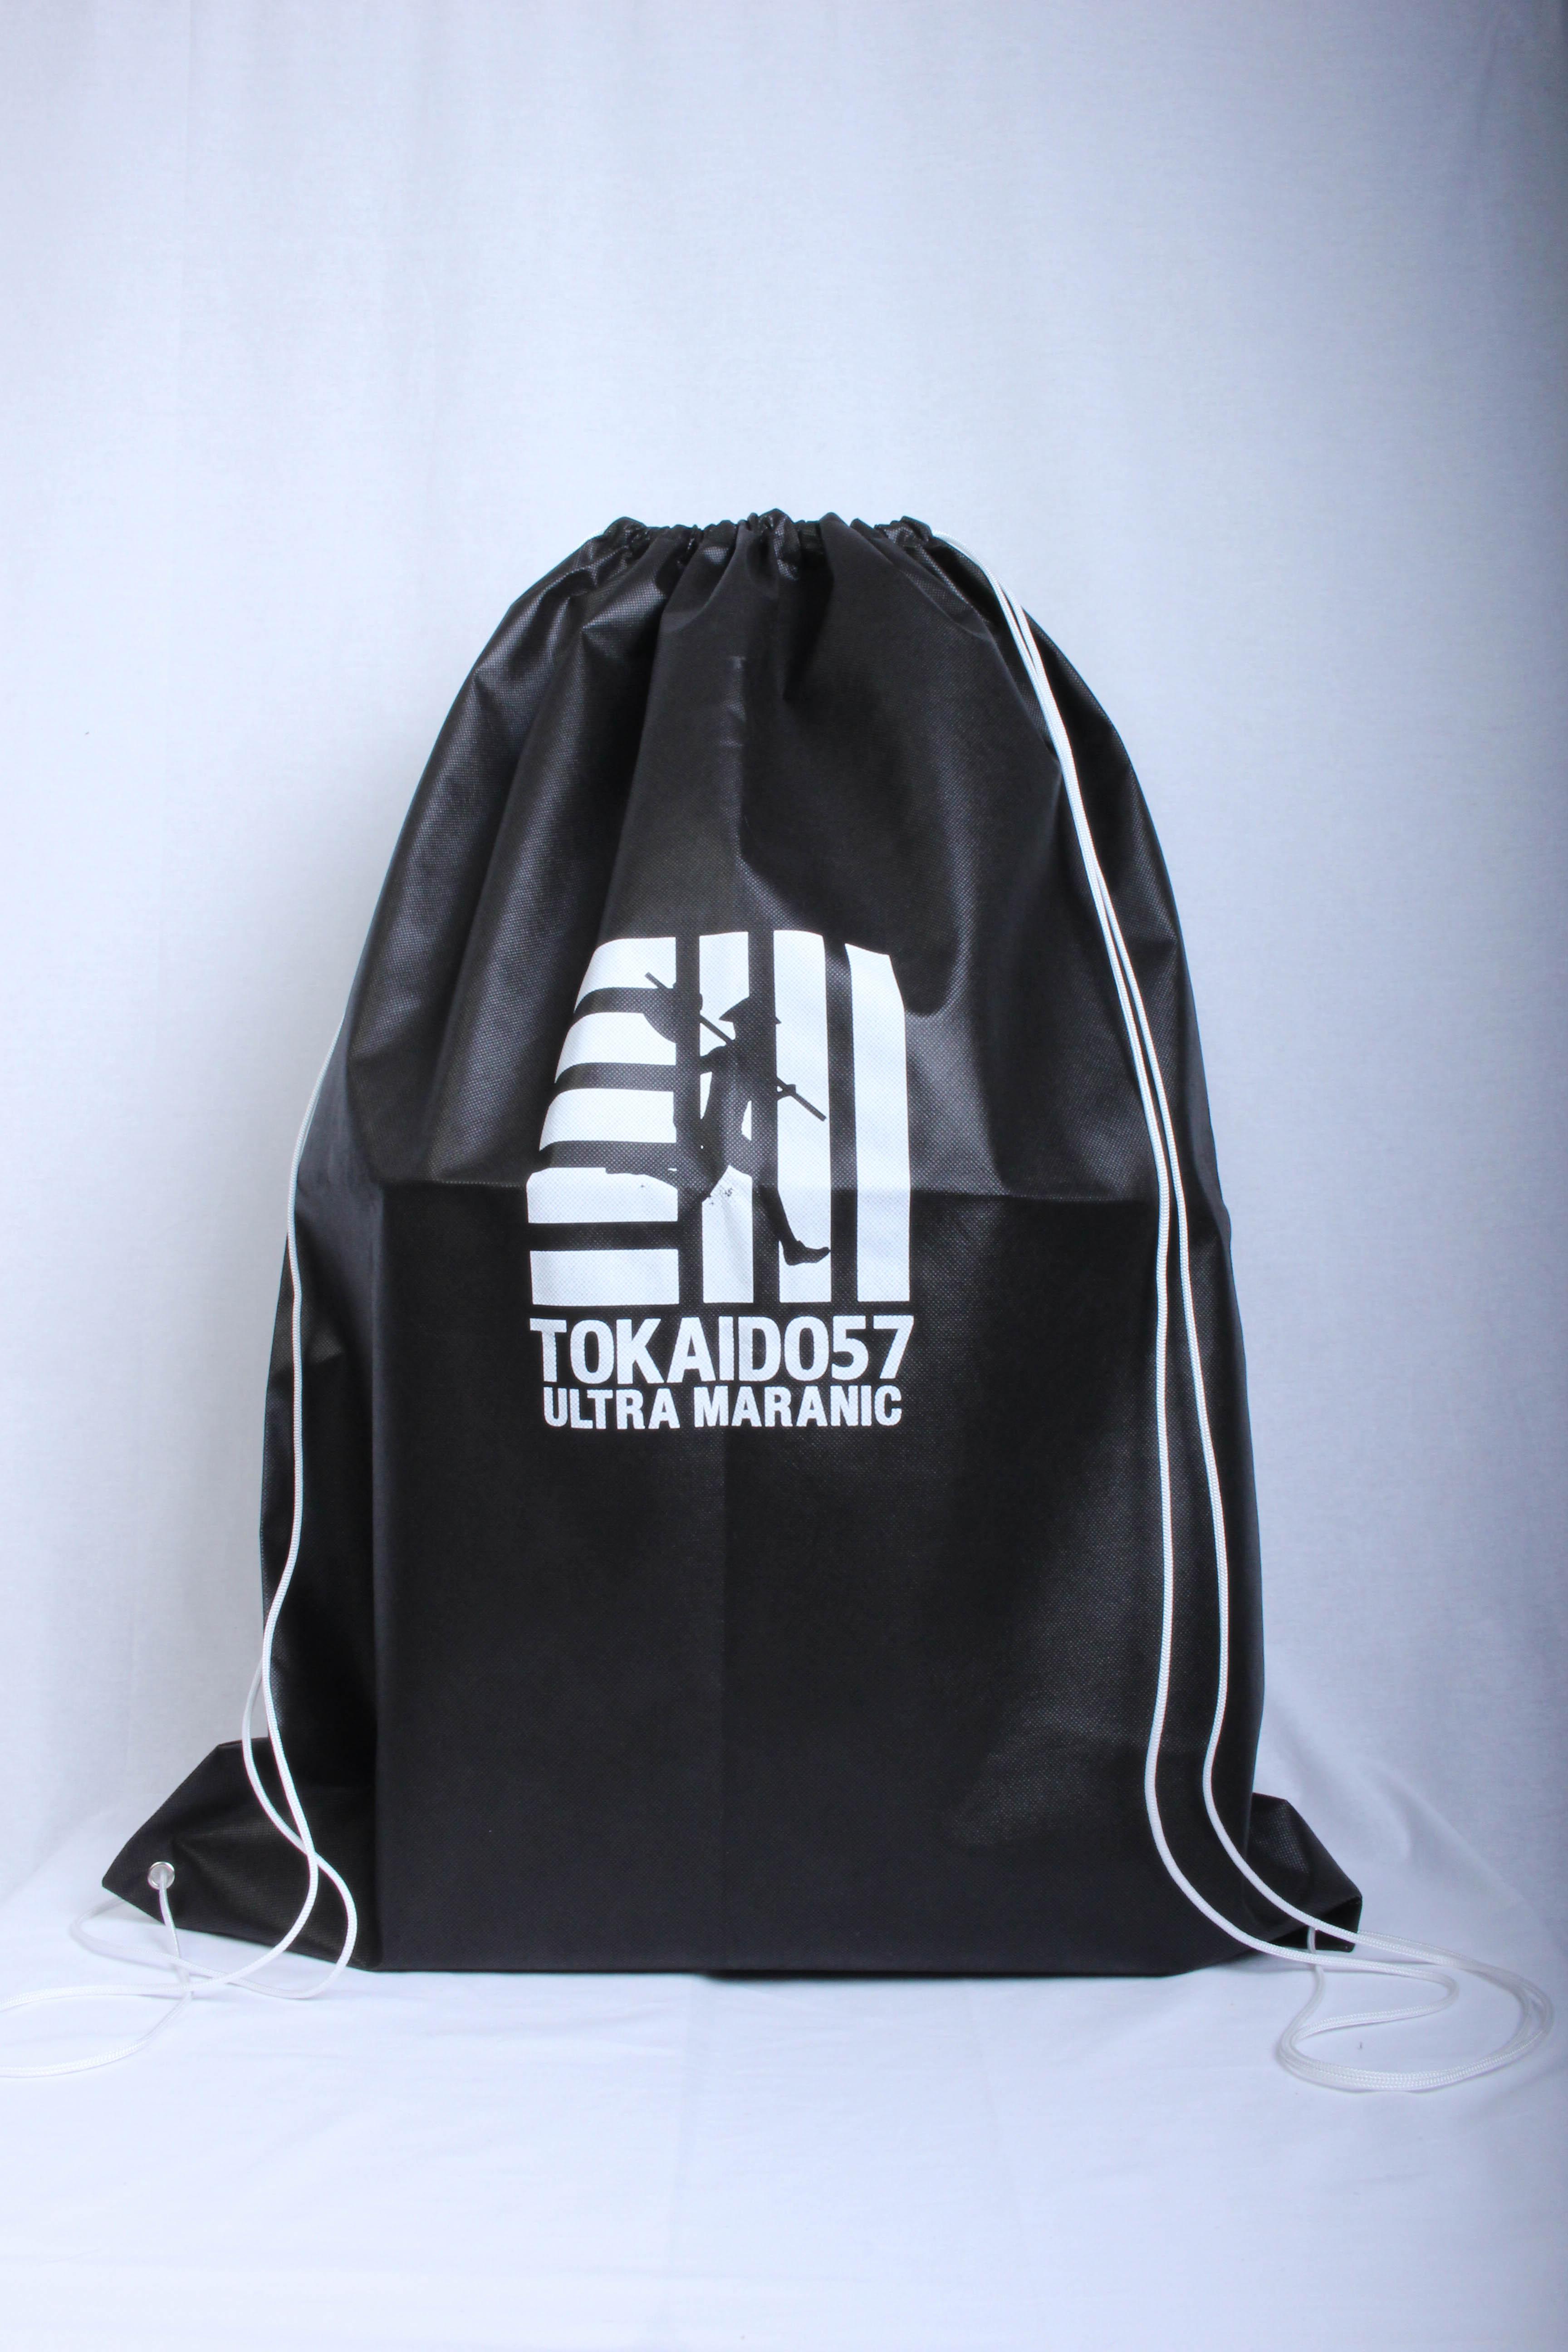 両ショルダーリュックタイプの大きな不織布バッグ